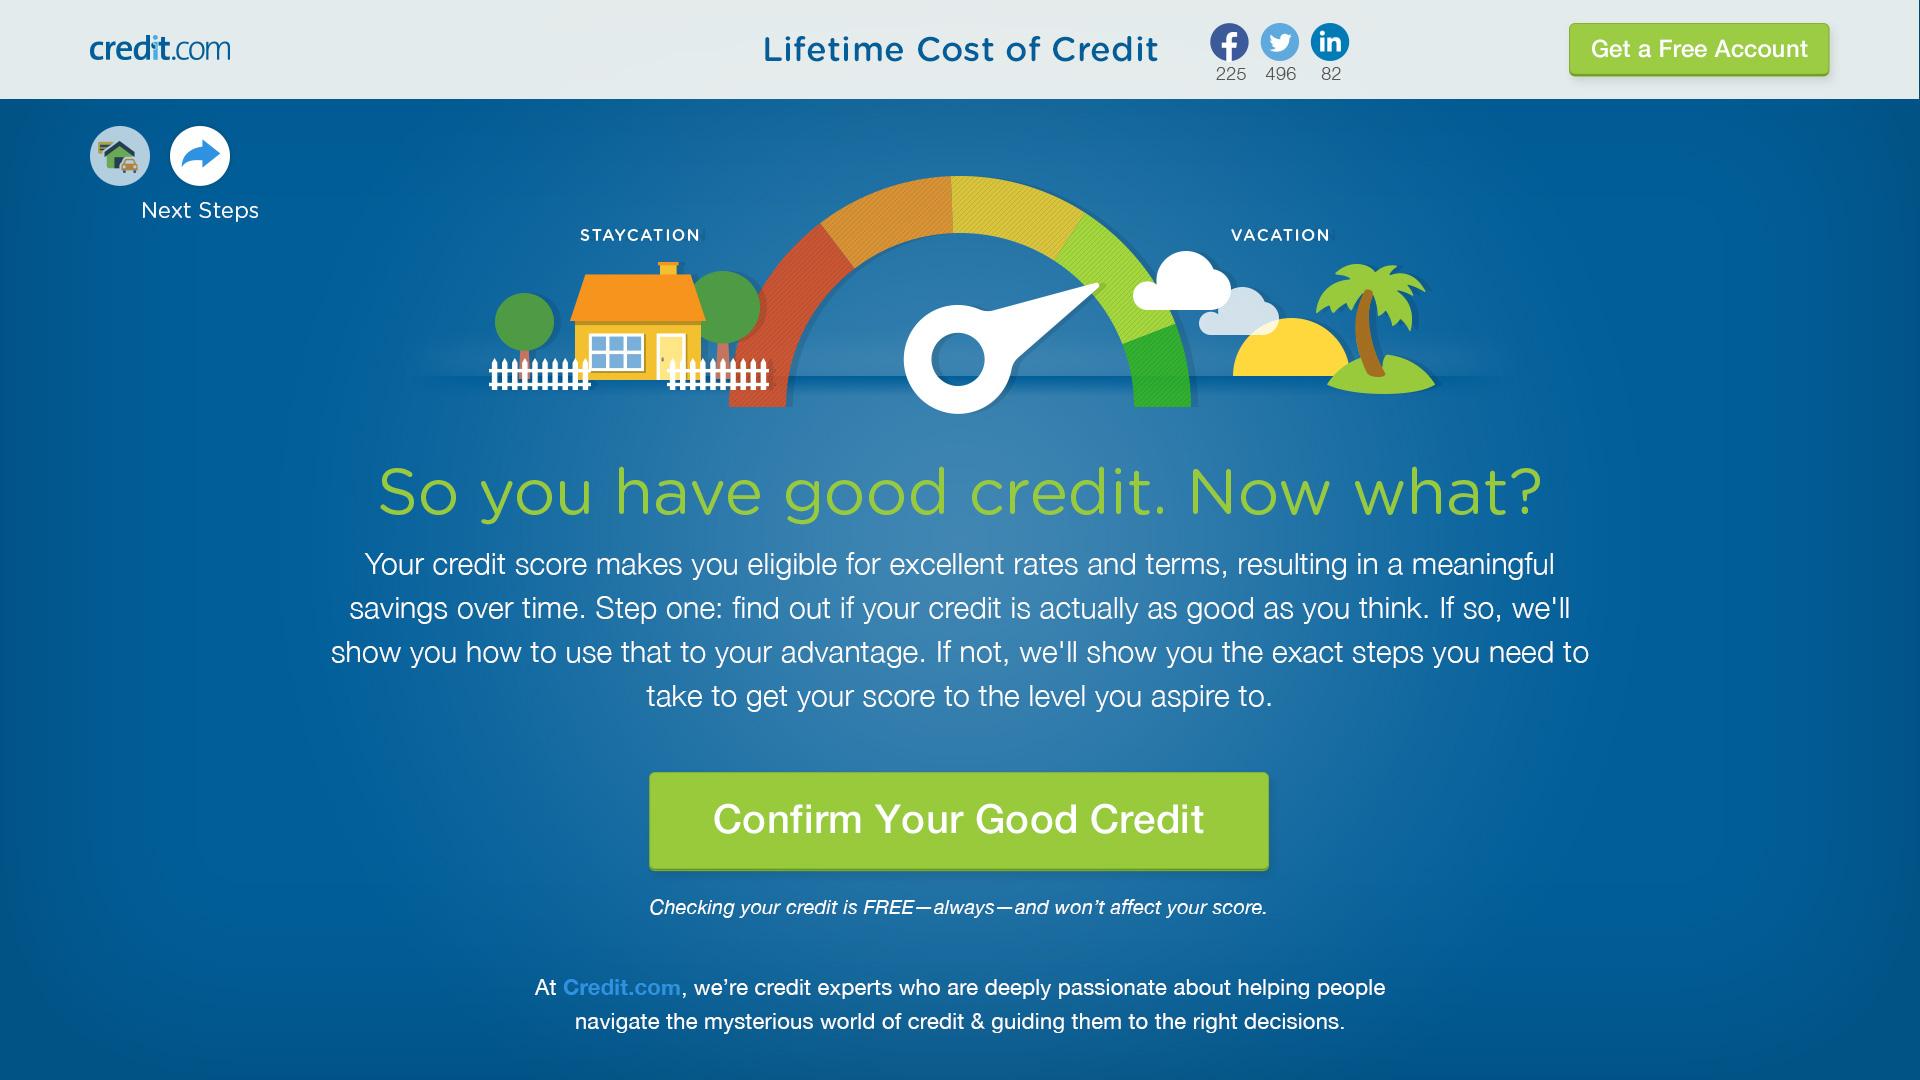 CREDIT.COM: Interactive Calculator